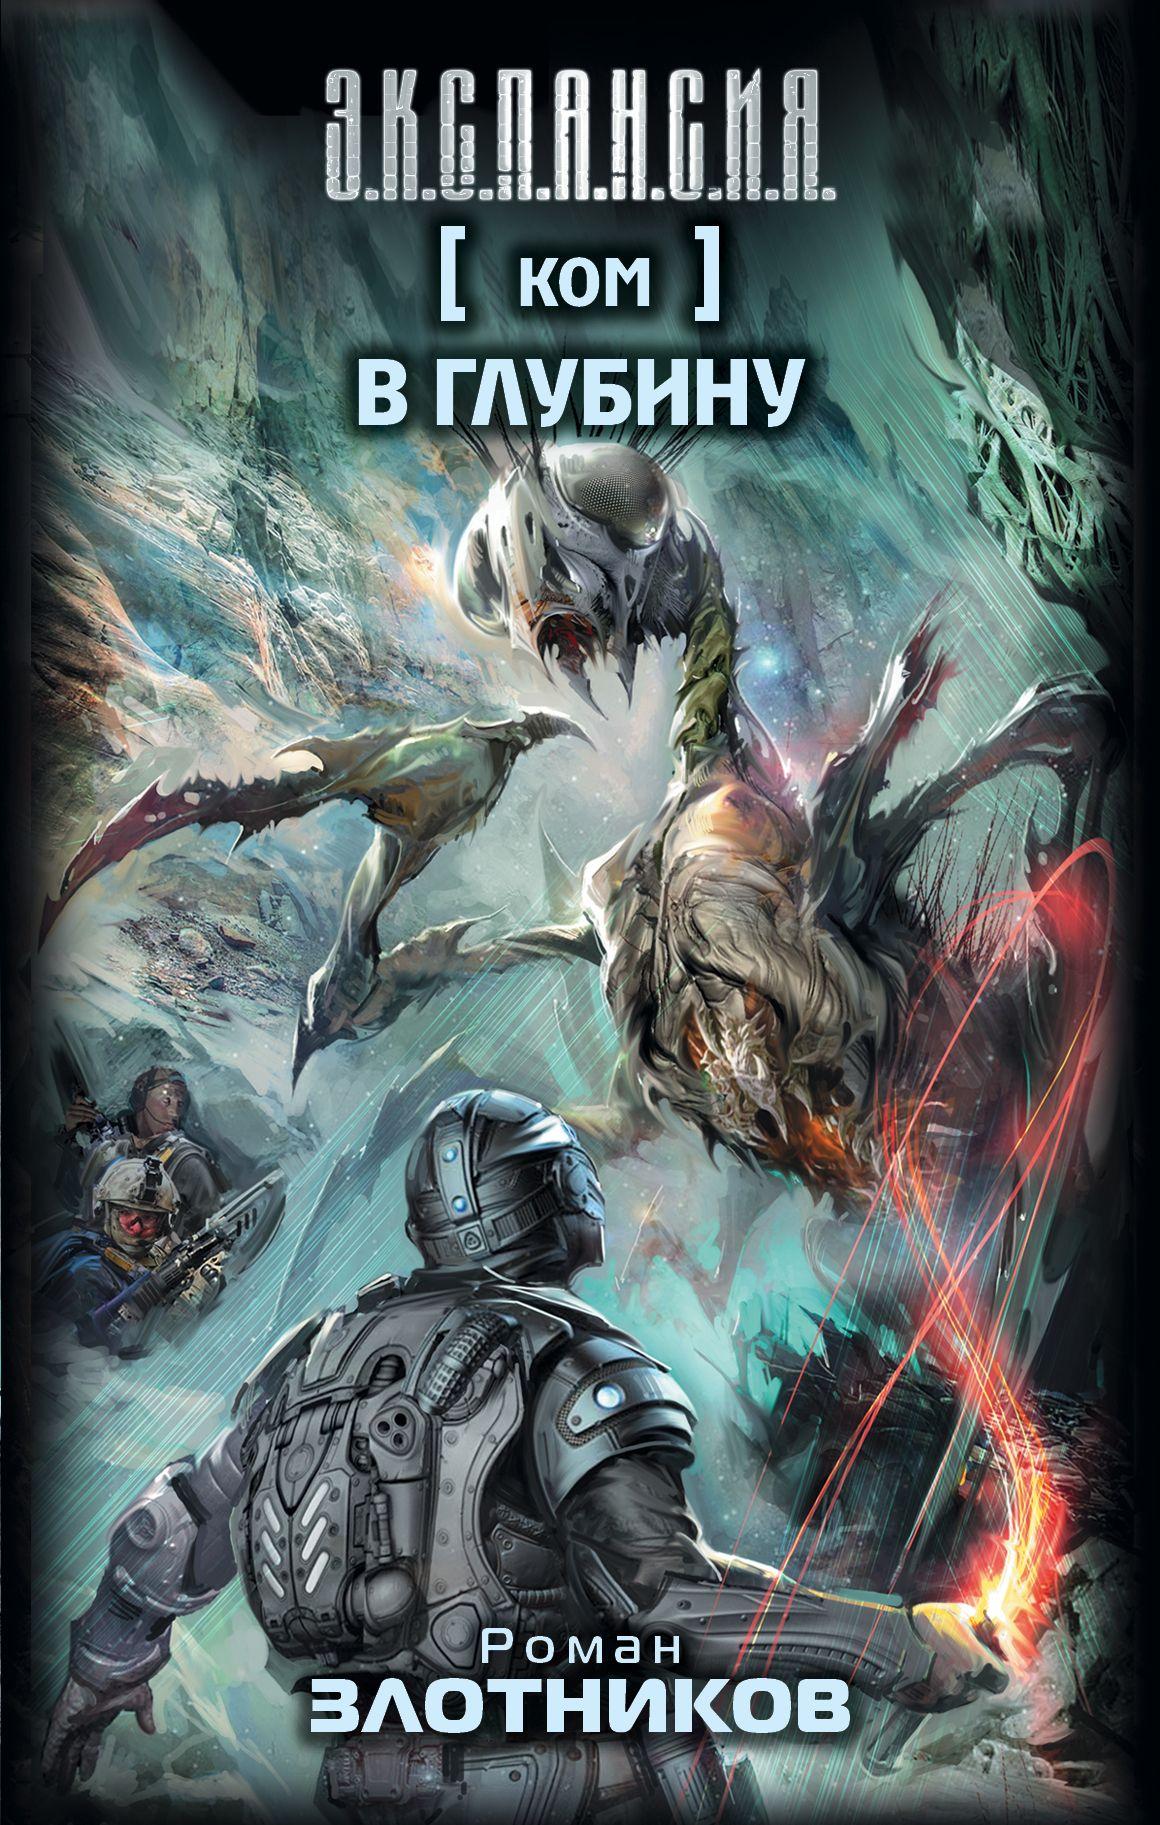 http://cdn.eksmo.ru/v2/ASE000000000713915/COVER/cover1.jpg